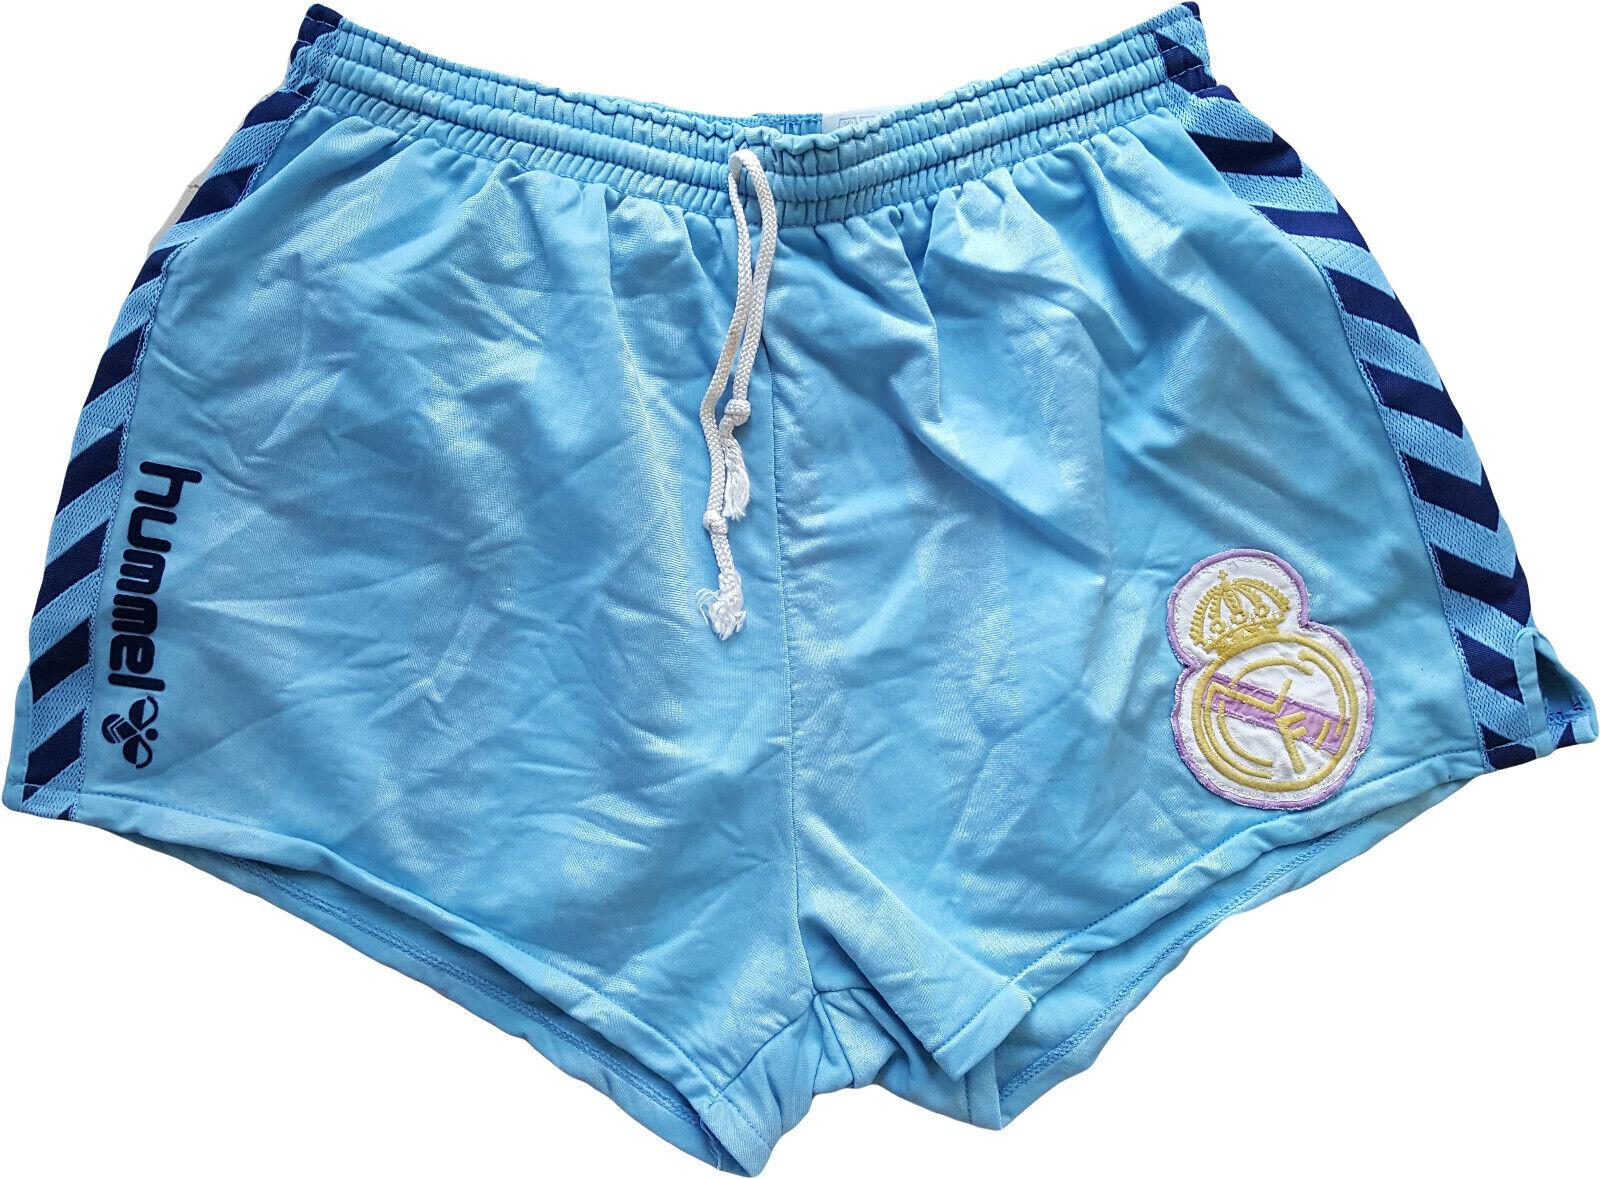 Real madrid match  worn 1985-90 Hummel shorts football shiny vintage gay sprinter  descuento de ventas en línea